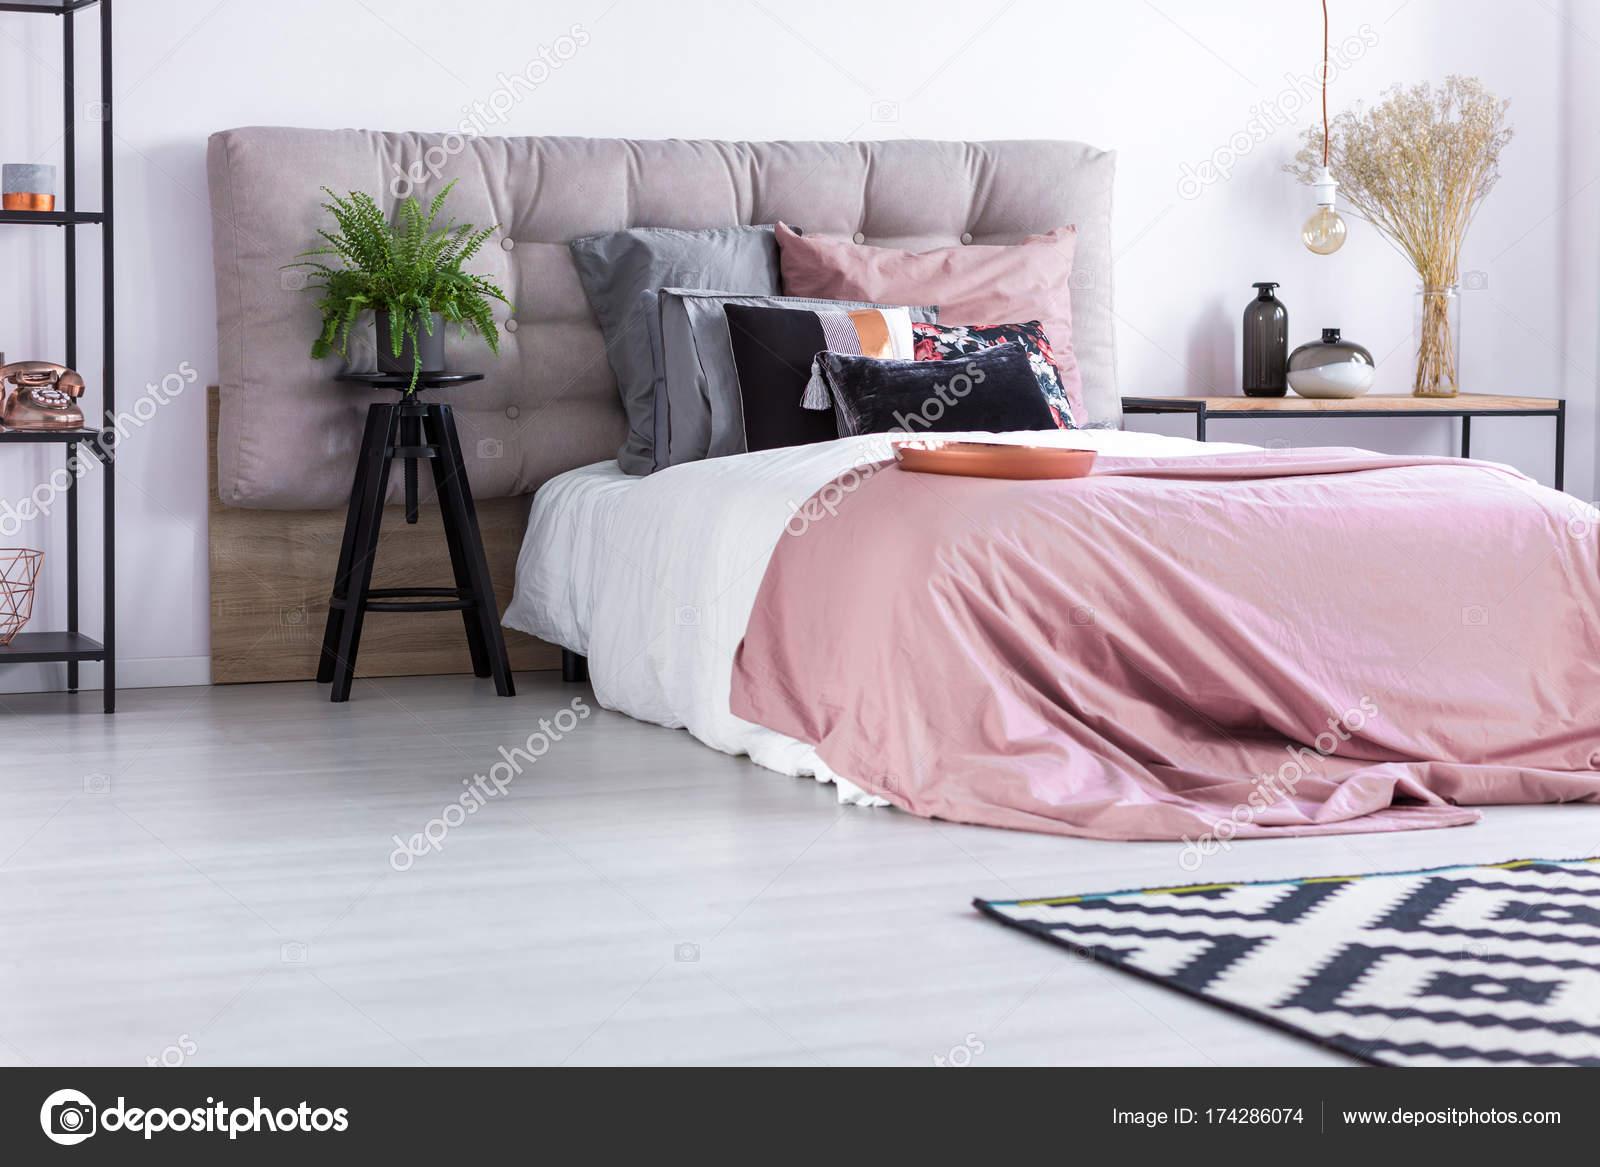 Licht Roze Dekbedovertrek : Bed met roze dekbedovertrek u stockfoto photographee eu